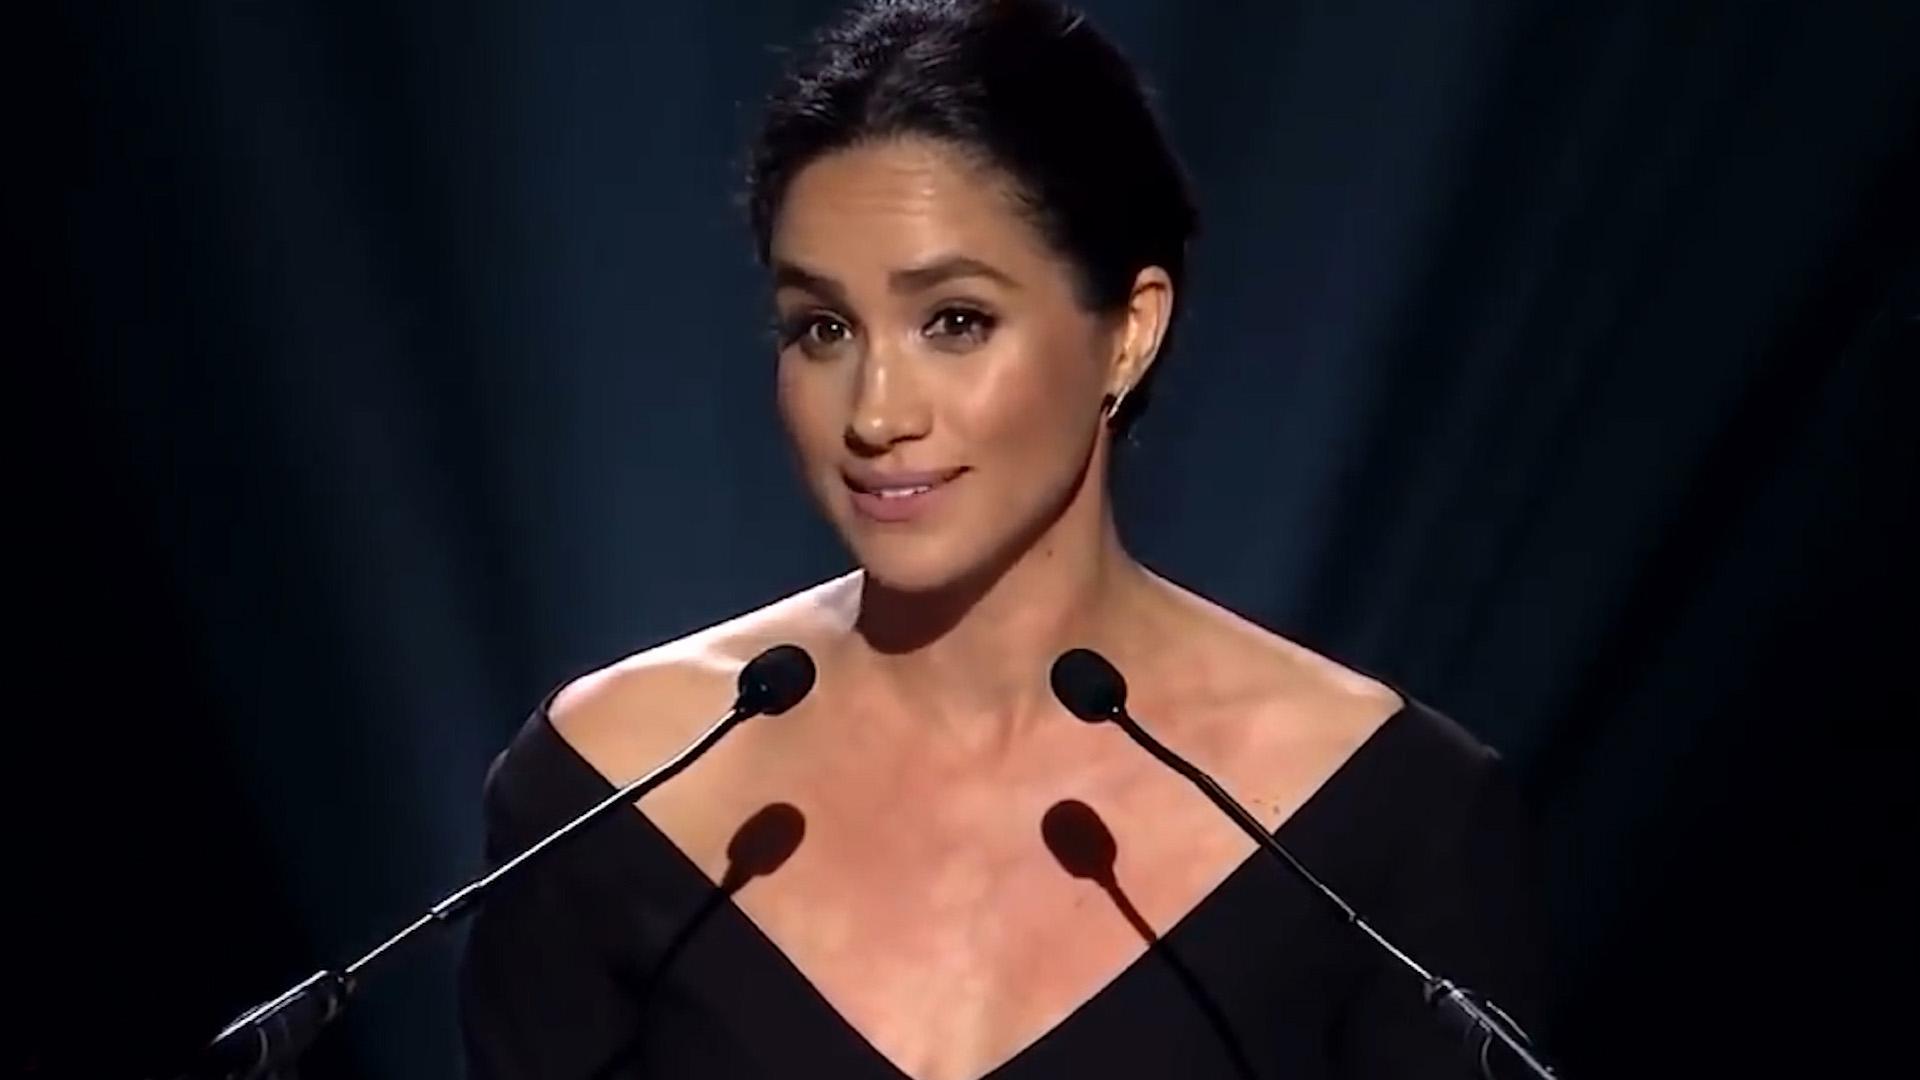 La actriz se destacó en su papel de activista luchando por la igualdad de género, y brindó un emotivo discurso en la sede de la ONU